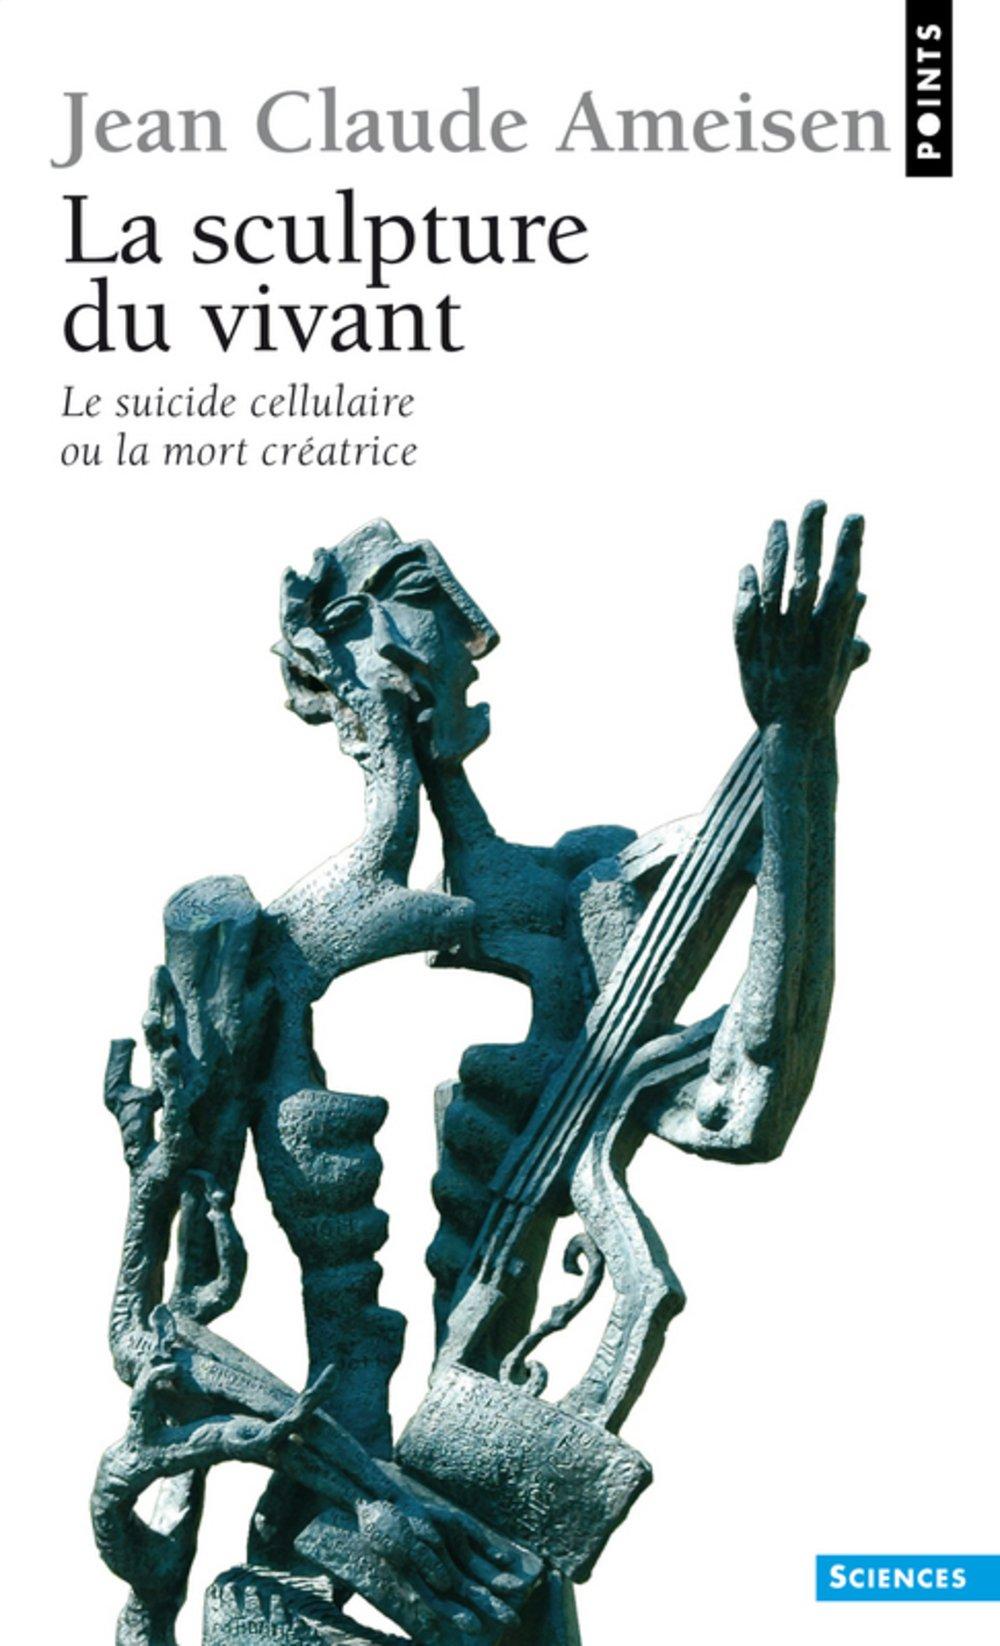 La Sculpture du vivant : Le suicide cellulaire ou la mort créatrice:  Ameisen, Jean-Claude: 9782020573740: Amazon.com: Books